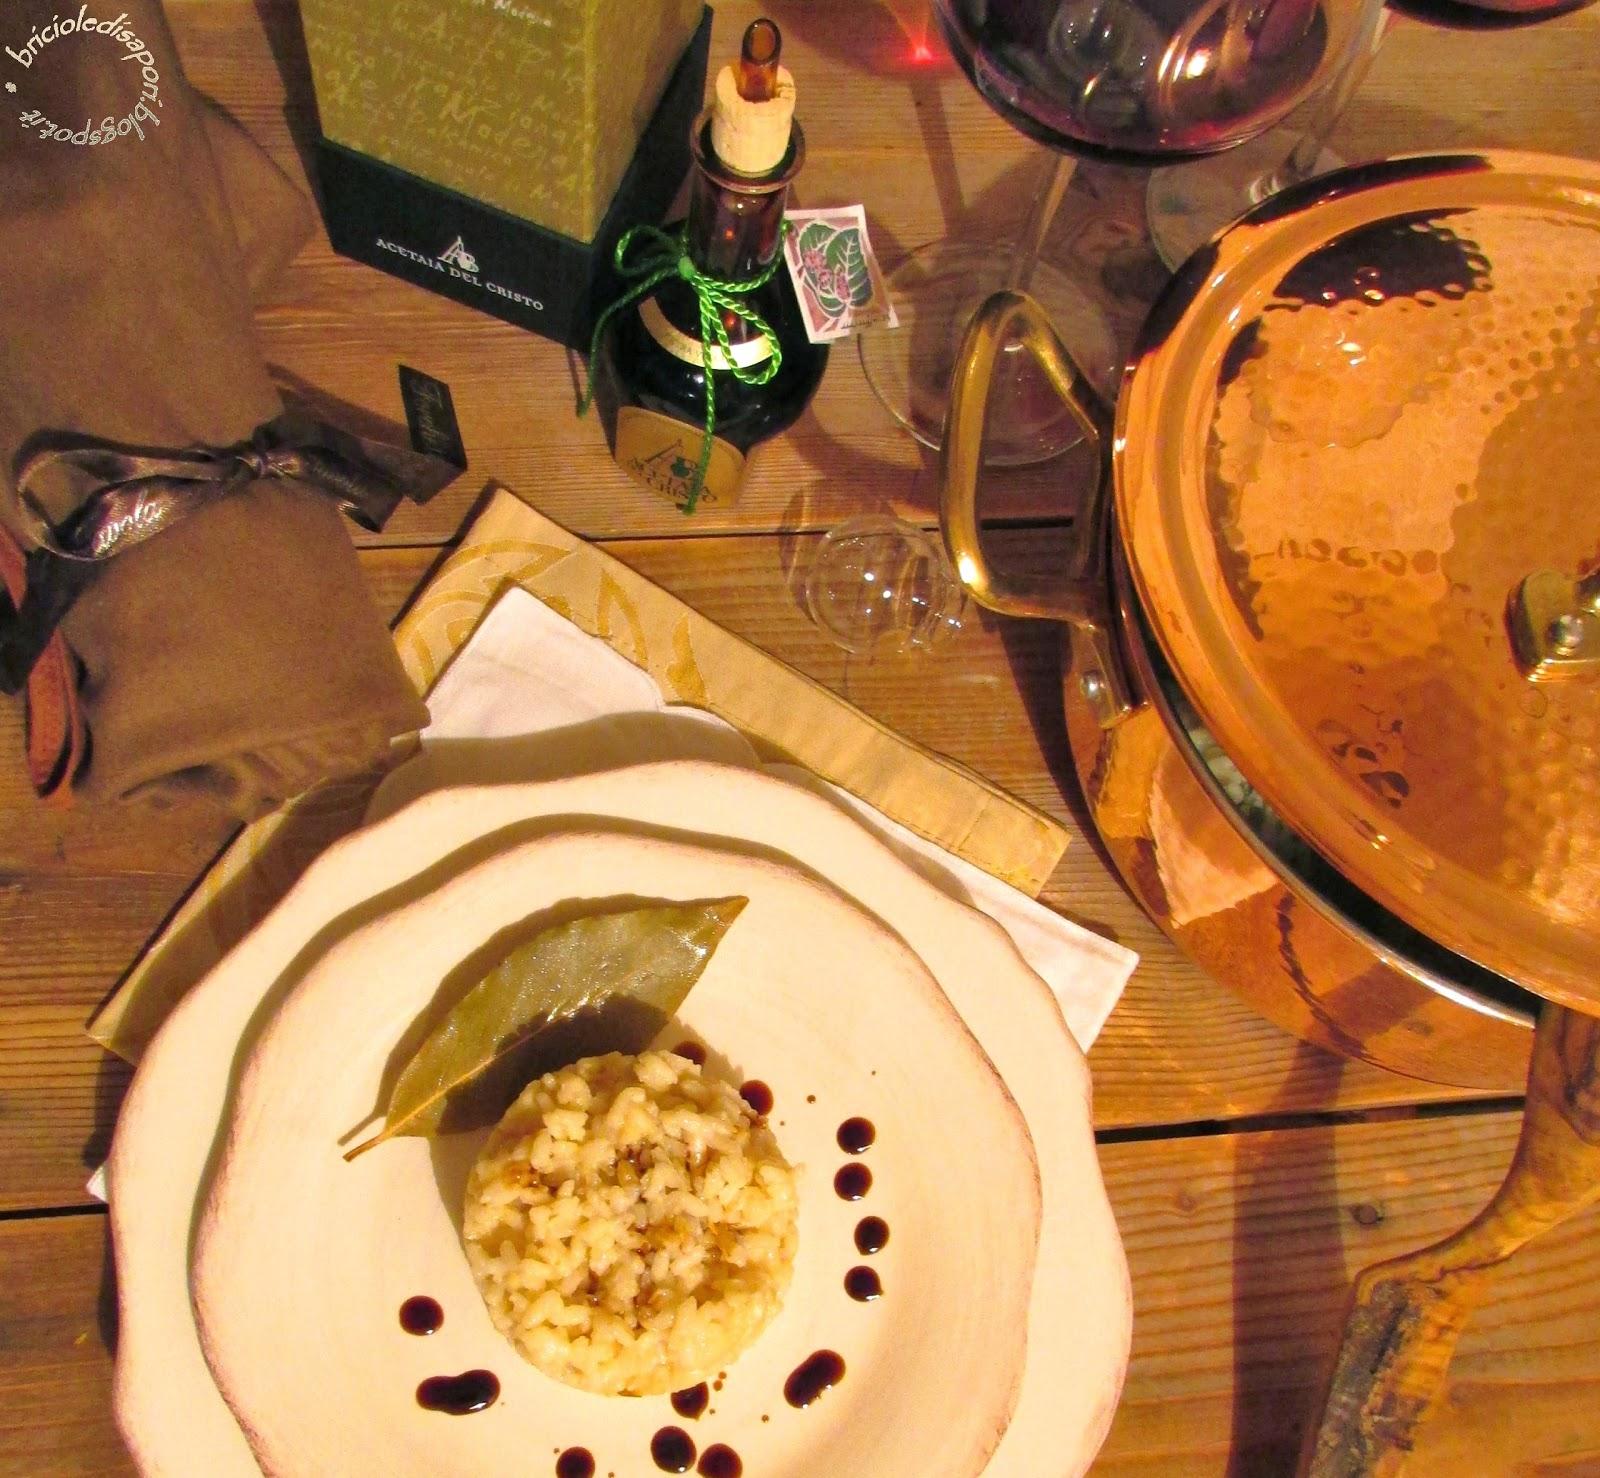 risotto al parmigiano reggiano e aceto balsamico tradizionale di modena d.o.p.